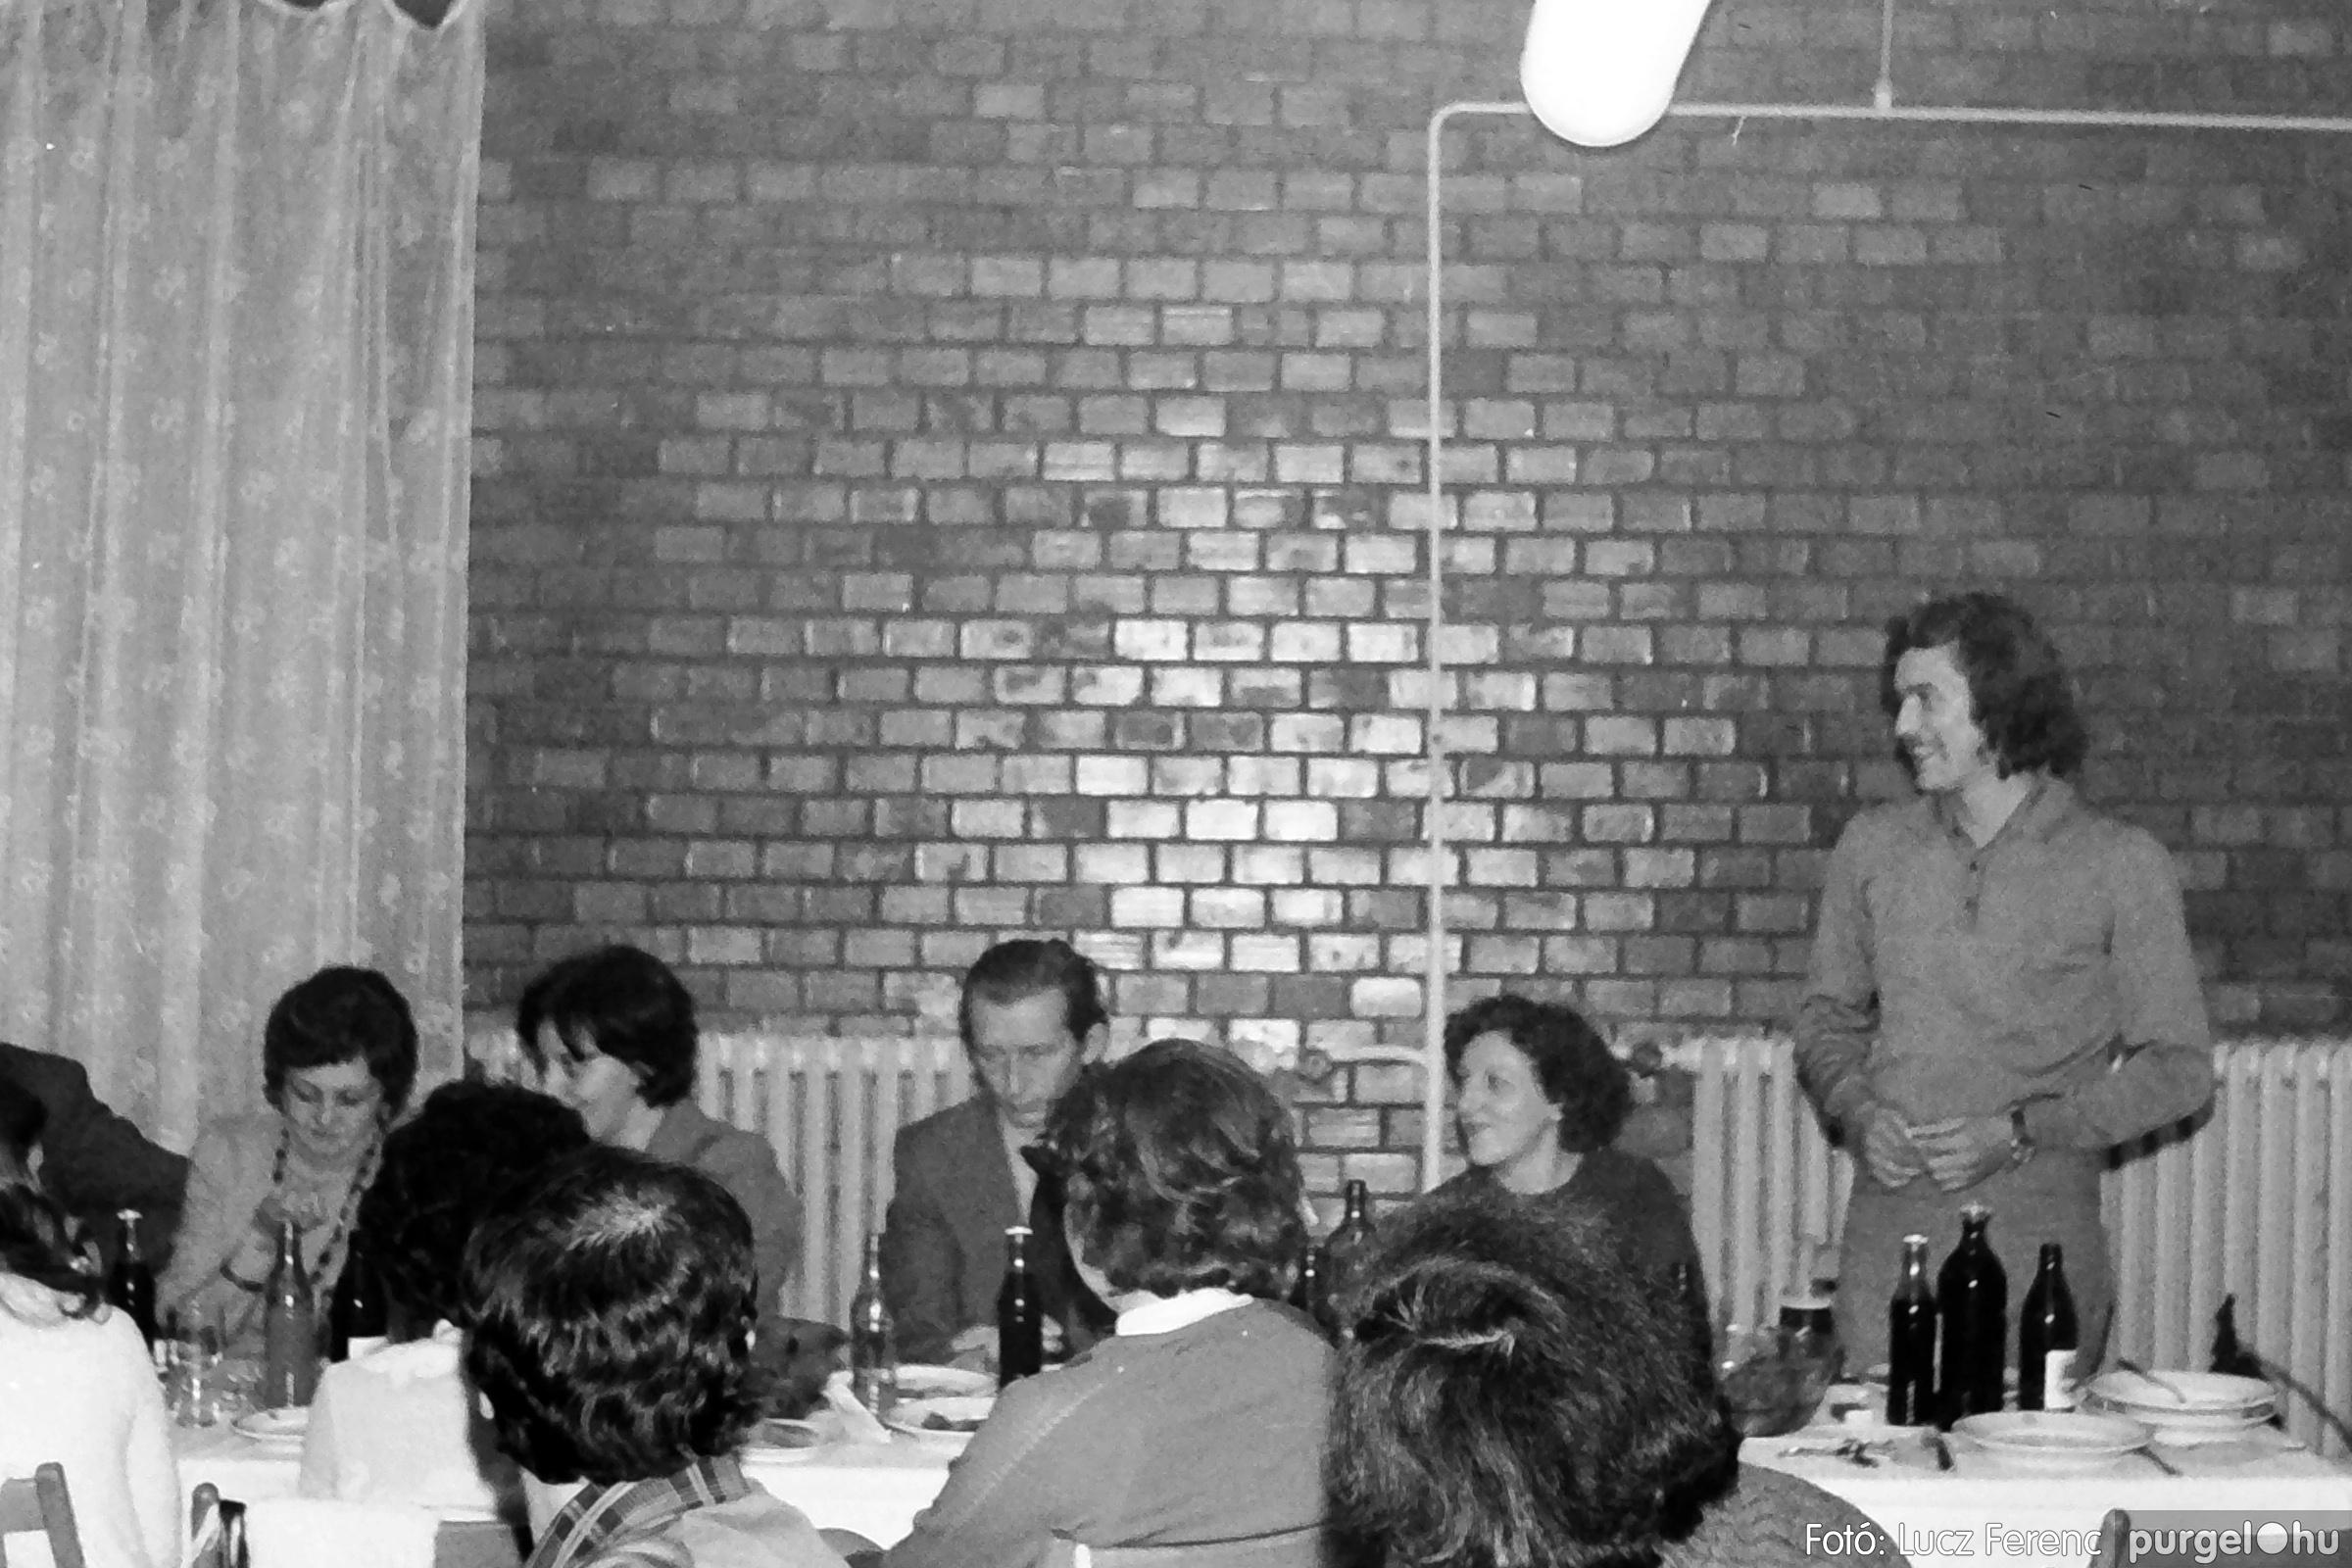 066-067. 1976. A Herkulesfürdői emlék című film ősbemutatója Szegváron 037. - Fotó: Lucz Ferenc.jpg